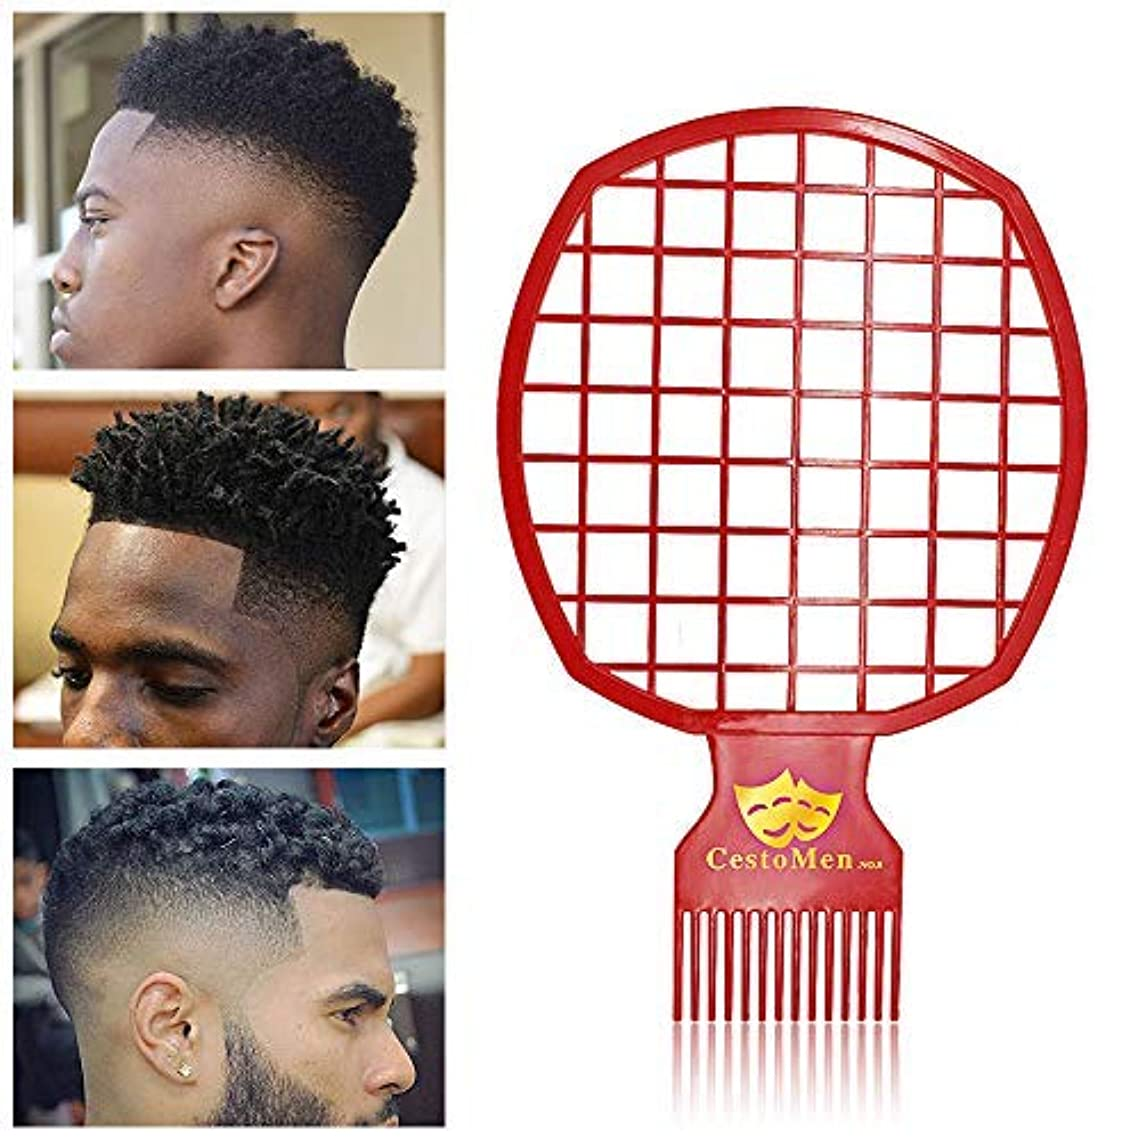 同化サークル強調するAfro & Twist Comb for Natural Hair & Dreads, Curl Hair and Weave Dreadlocks, Afro Hair Coil Pick Combs for Men, Barber and Personal Use, Super Easy to Clean (Red) [並行輸入品]